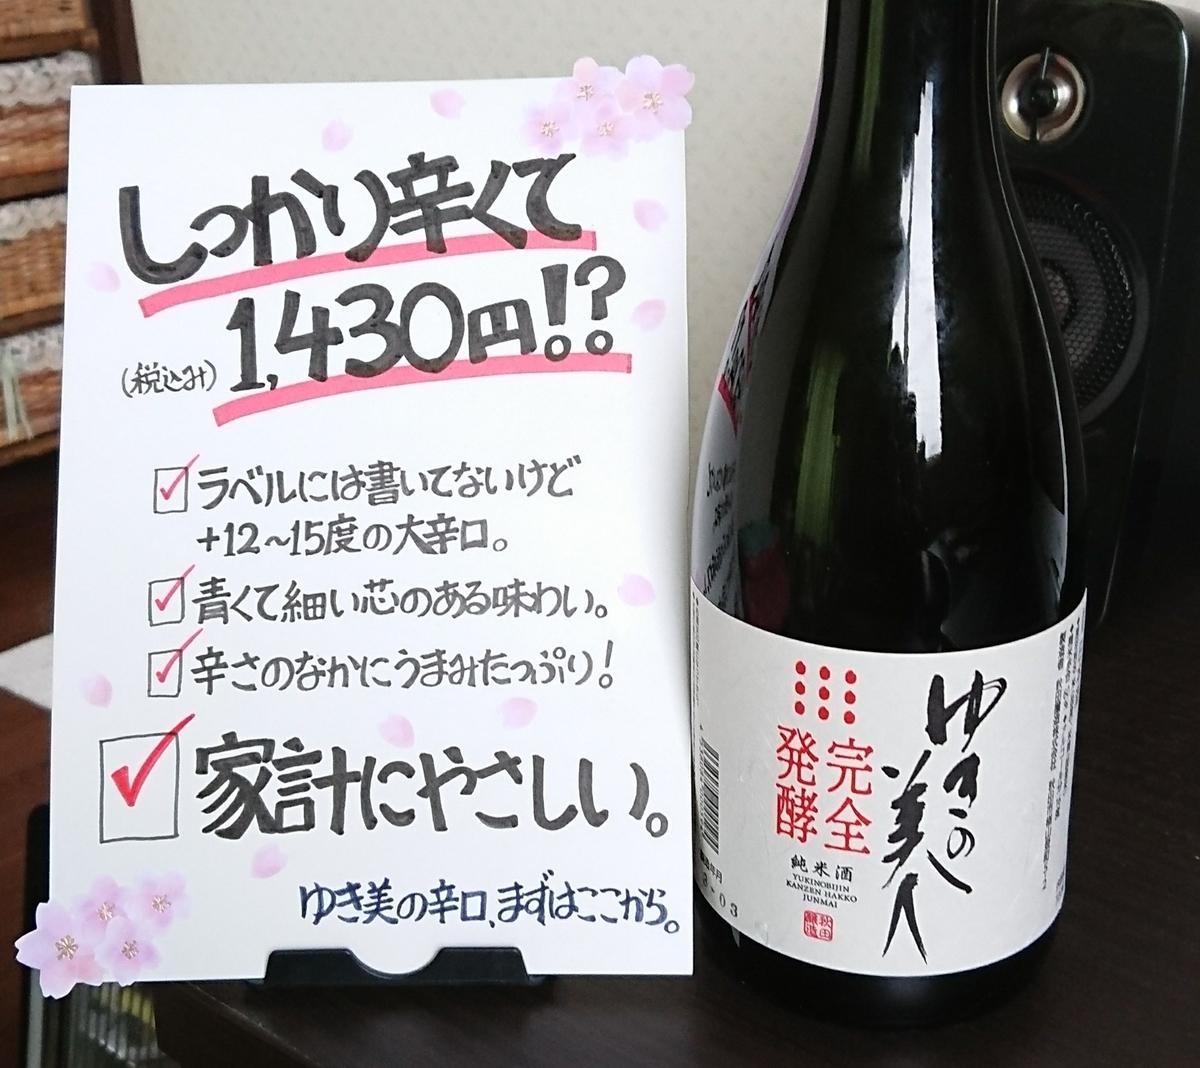 ゆきの美人 純米酒 完全発酵の感想・レビュー